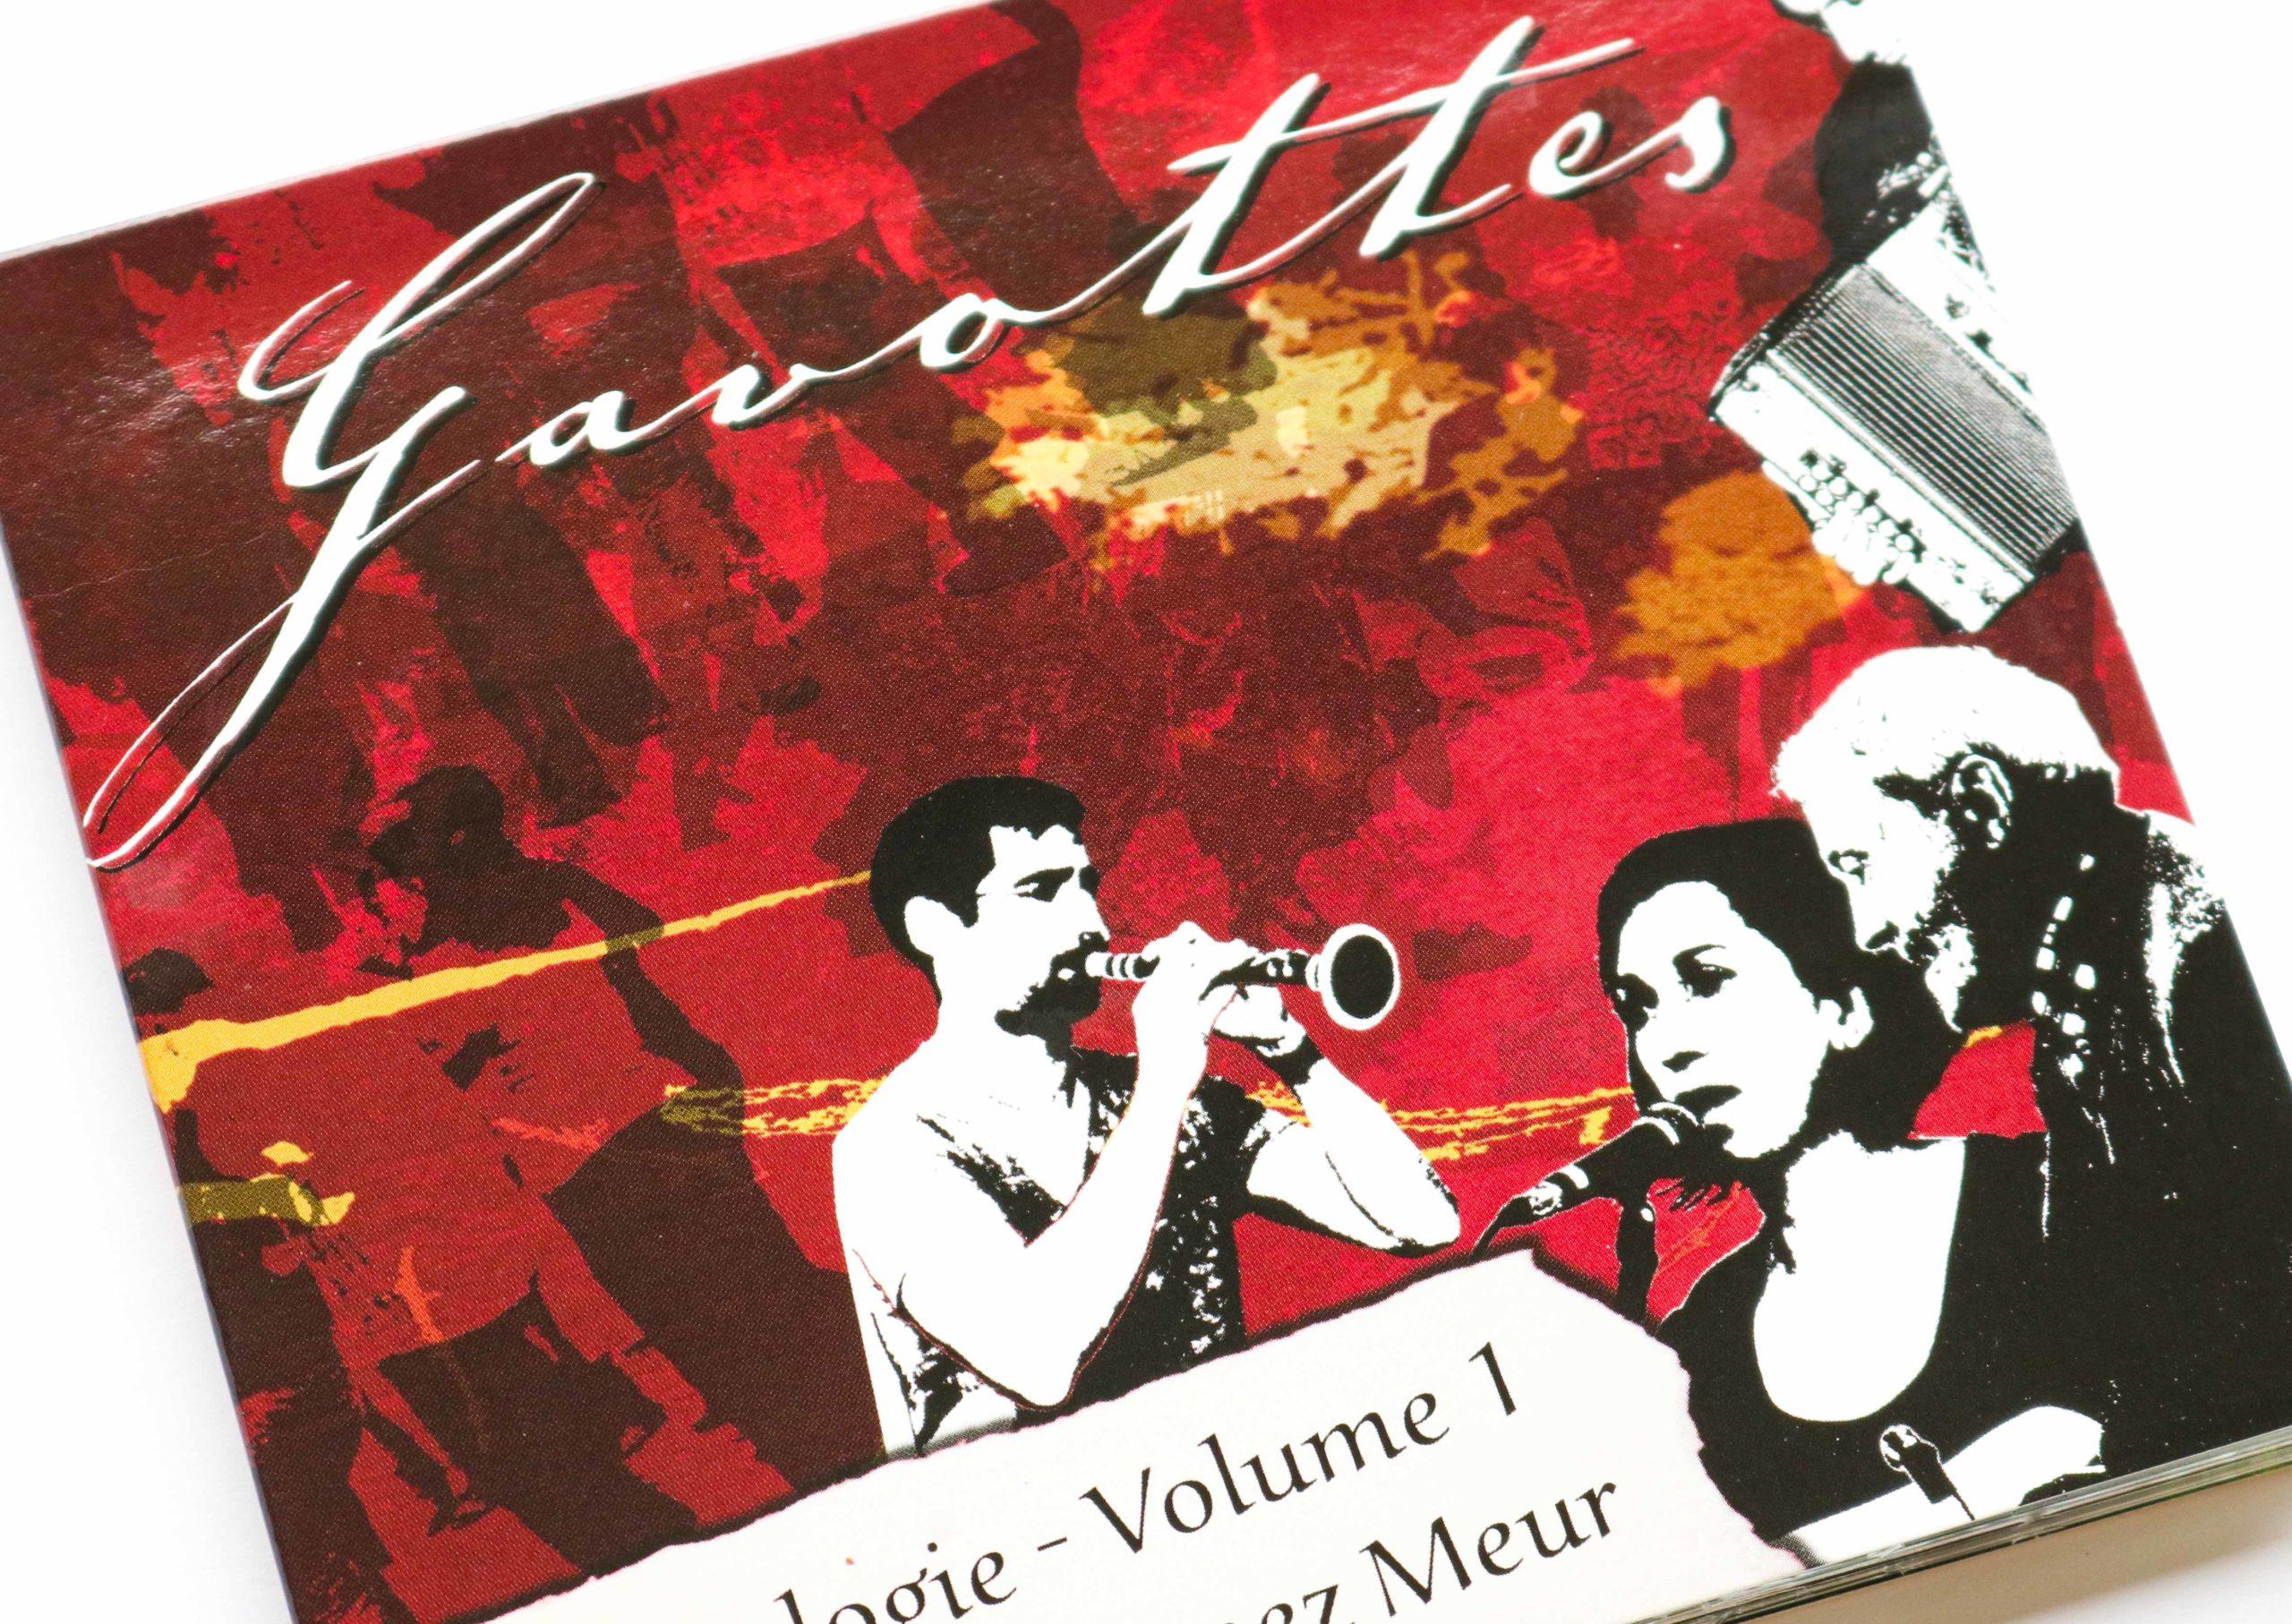 Gavottes <br>Anthologie – Volume 1